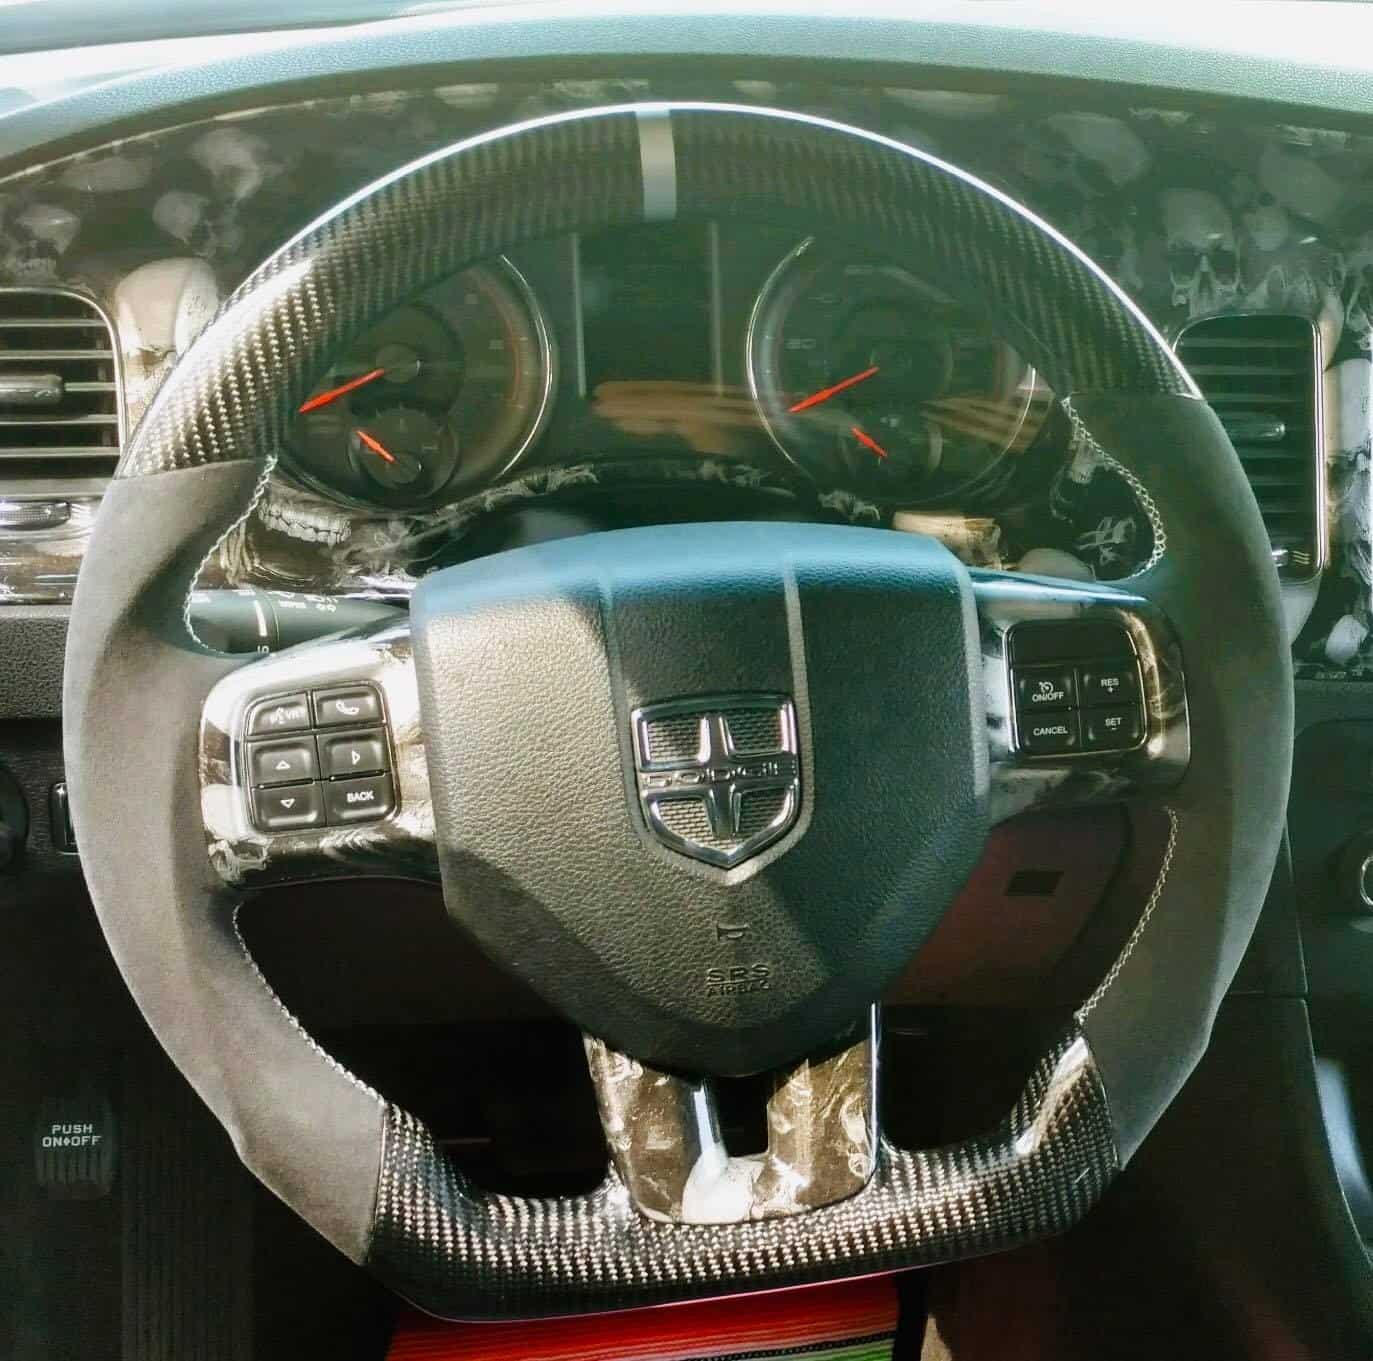 2005 2020 Dodge Charger Dodge Challenger Magnum Carbon Fiber Customized Steering Wheel Socal Garage Works